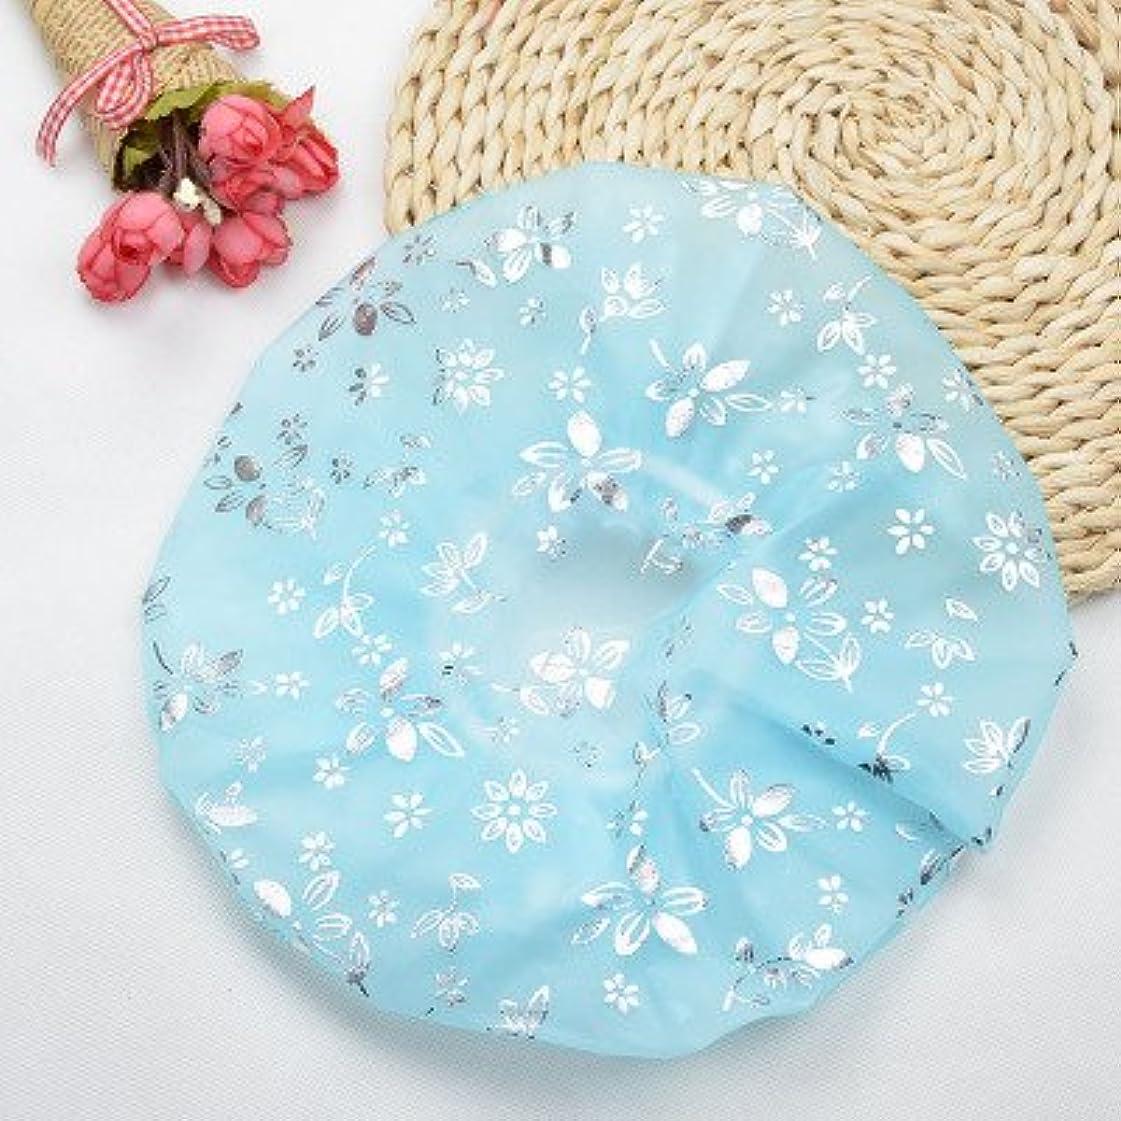 リングレット成熟した指Maltose 化粧帽 ダブル防水シャワーキャップ 油煙を防ぐ ふわふわ柔軟 色落ちしない 2枚セット